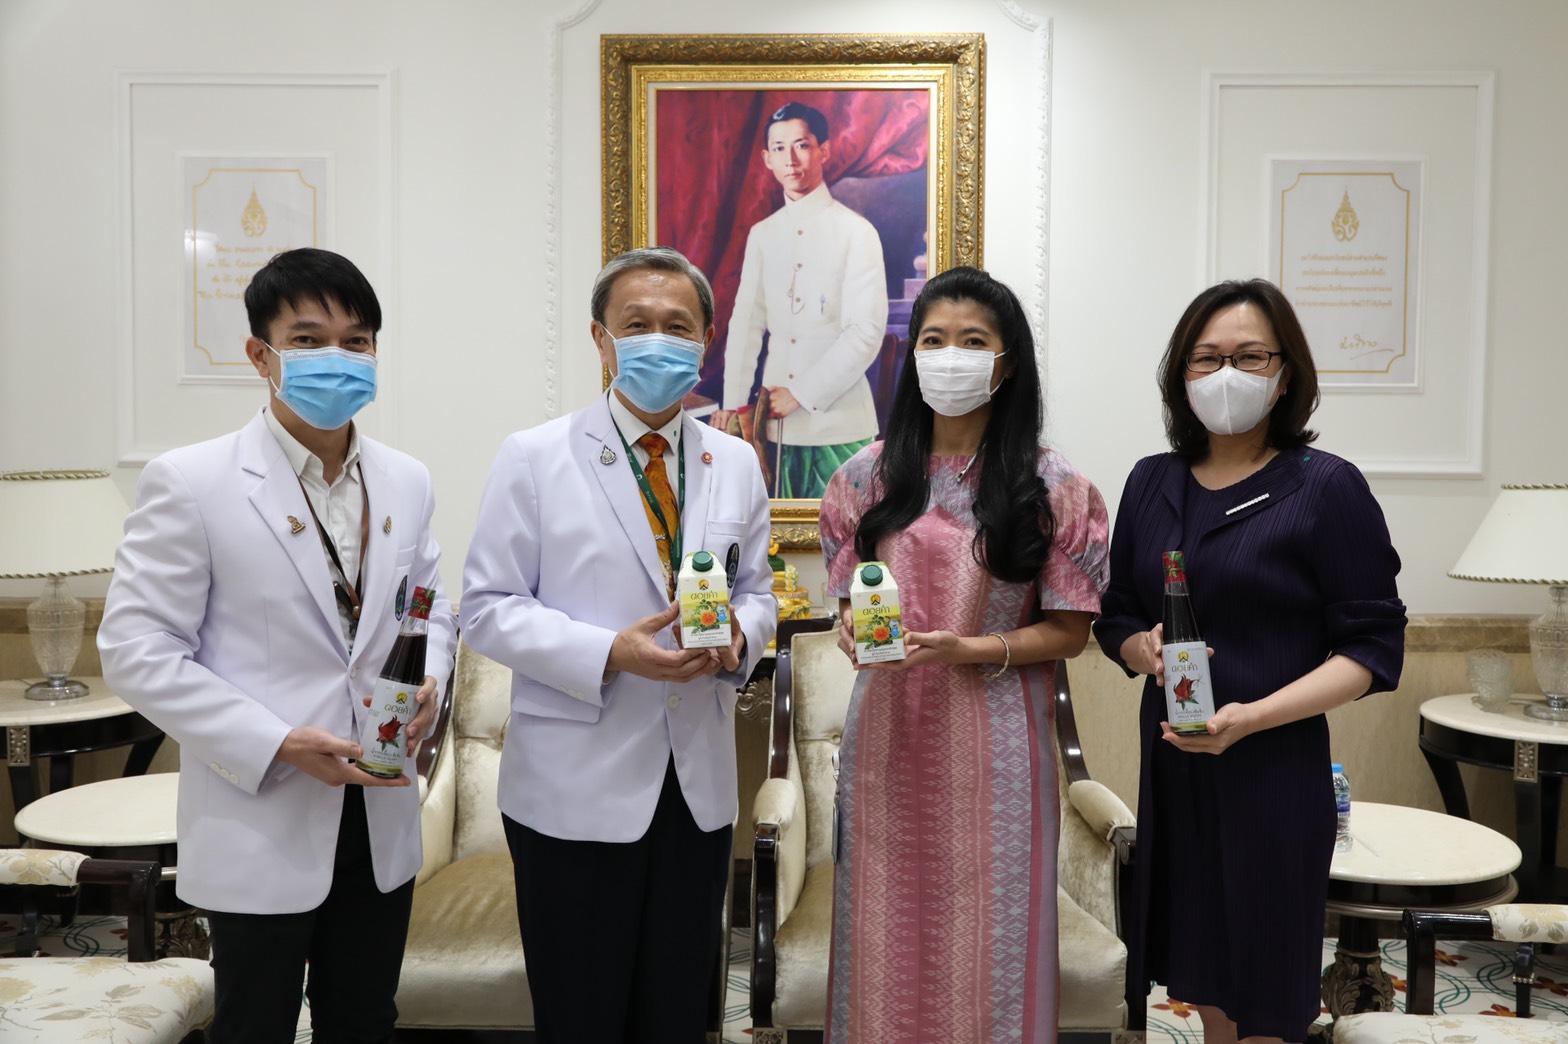 ดอยคำ ส่งความห่วงใย ให้กำลังใจทีมแพทย์ พยาบาลและเจ้าหน้าที่ ปฏิบัติหน้าที่ช่วงการแพร่ระบาดของเชื้อไวรัส COVID-19